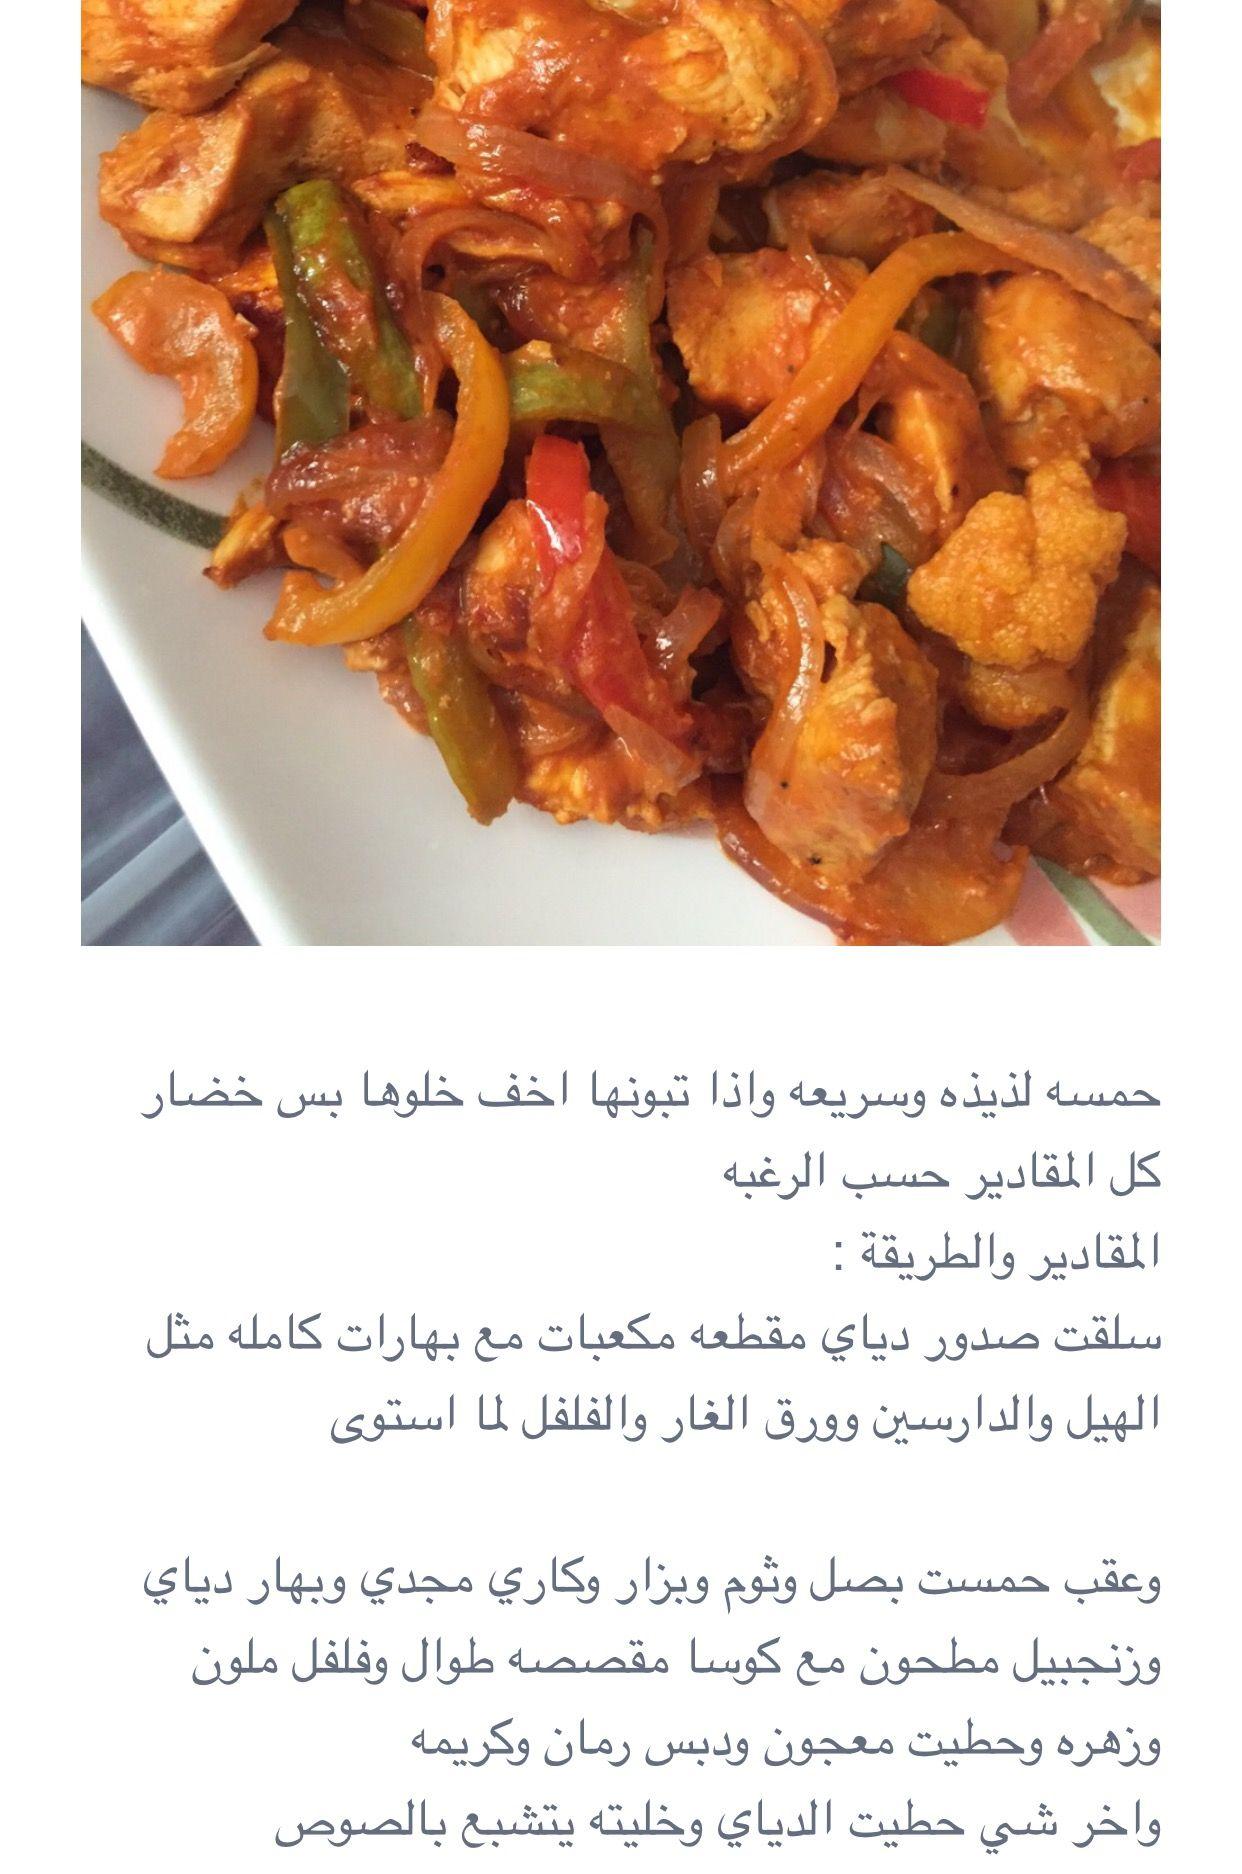 حمسة دجاج هندي Food Food Dishes Baby Food Recipes